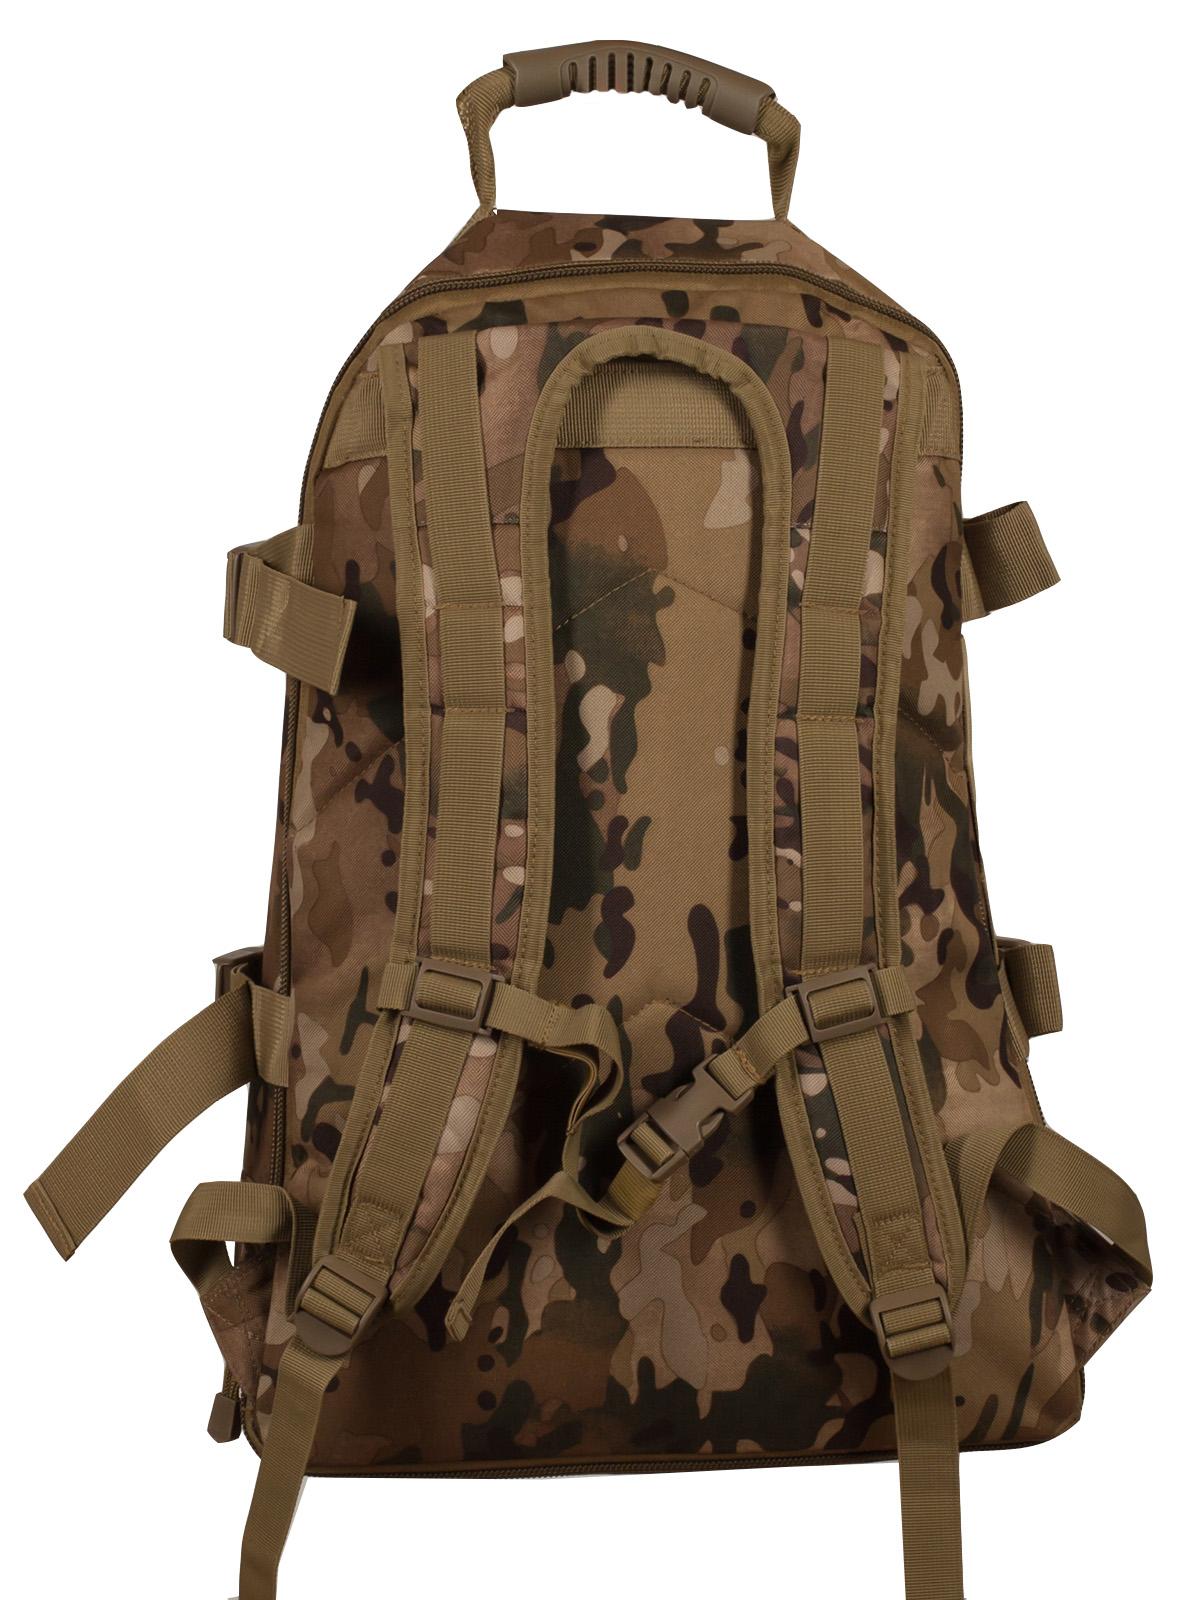 Камуфляжный рюкзак для охотника с нашивкой Ни Пуха ни Пера - купить в розницу